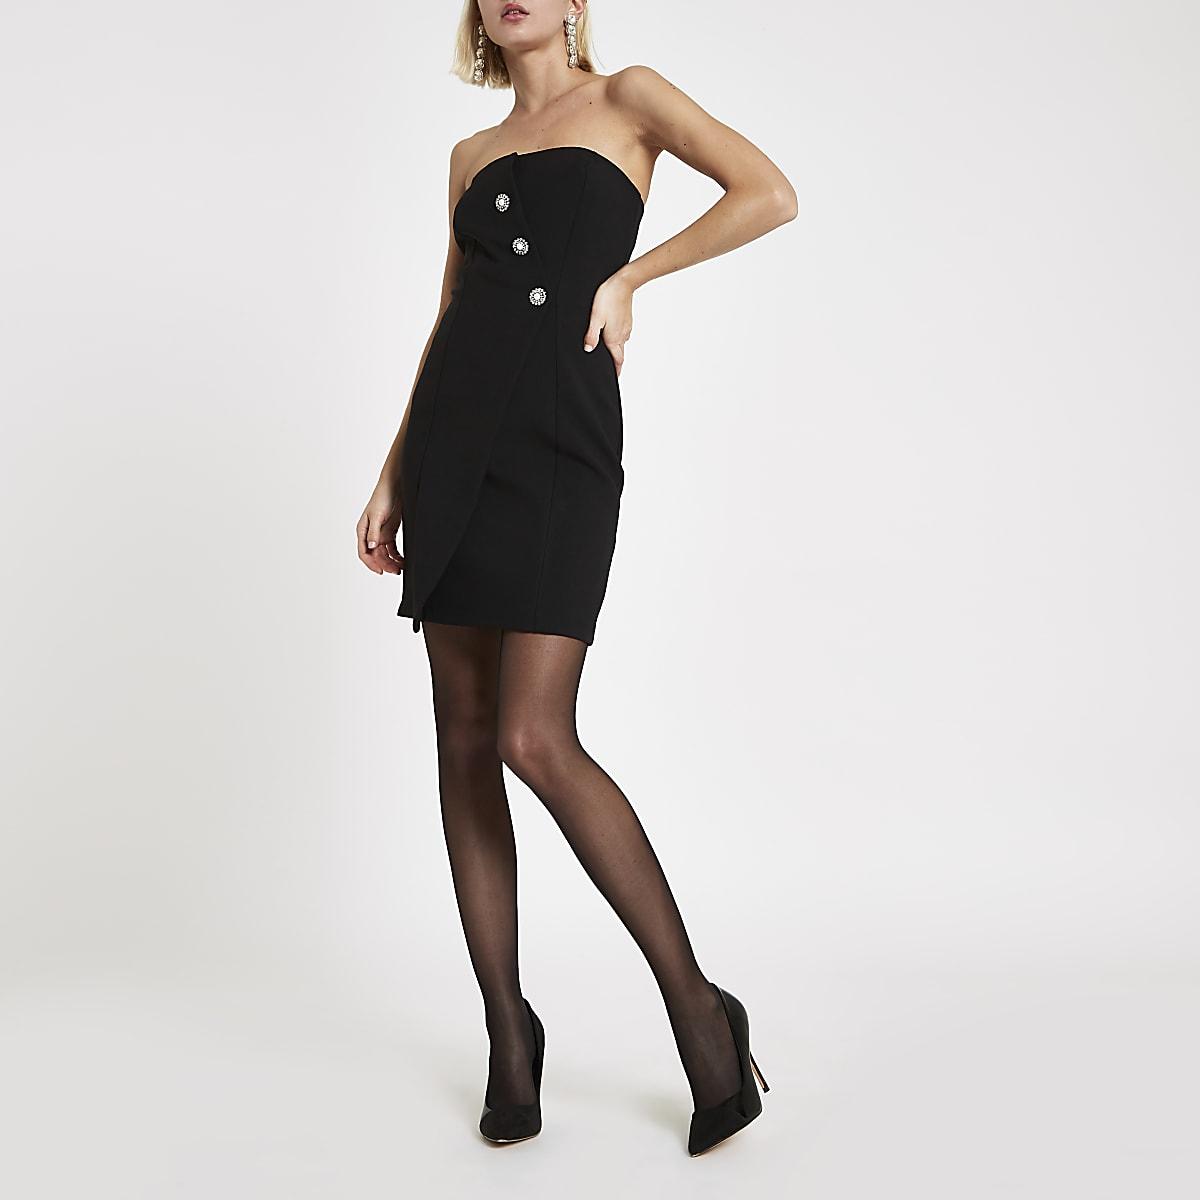 Zwarte mini-jurk in bandeaustijl met knopen voor